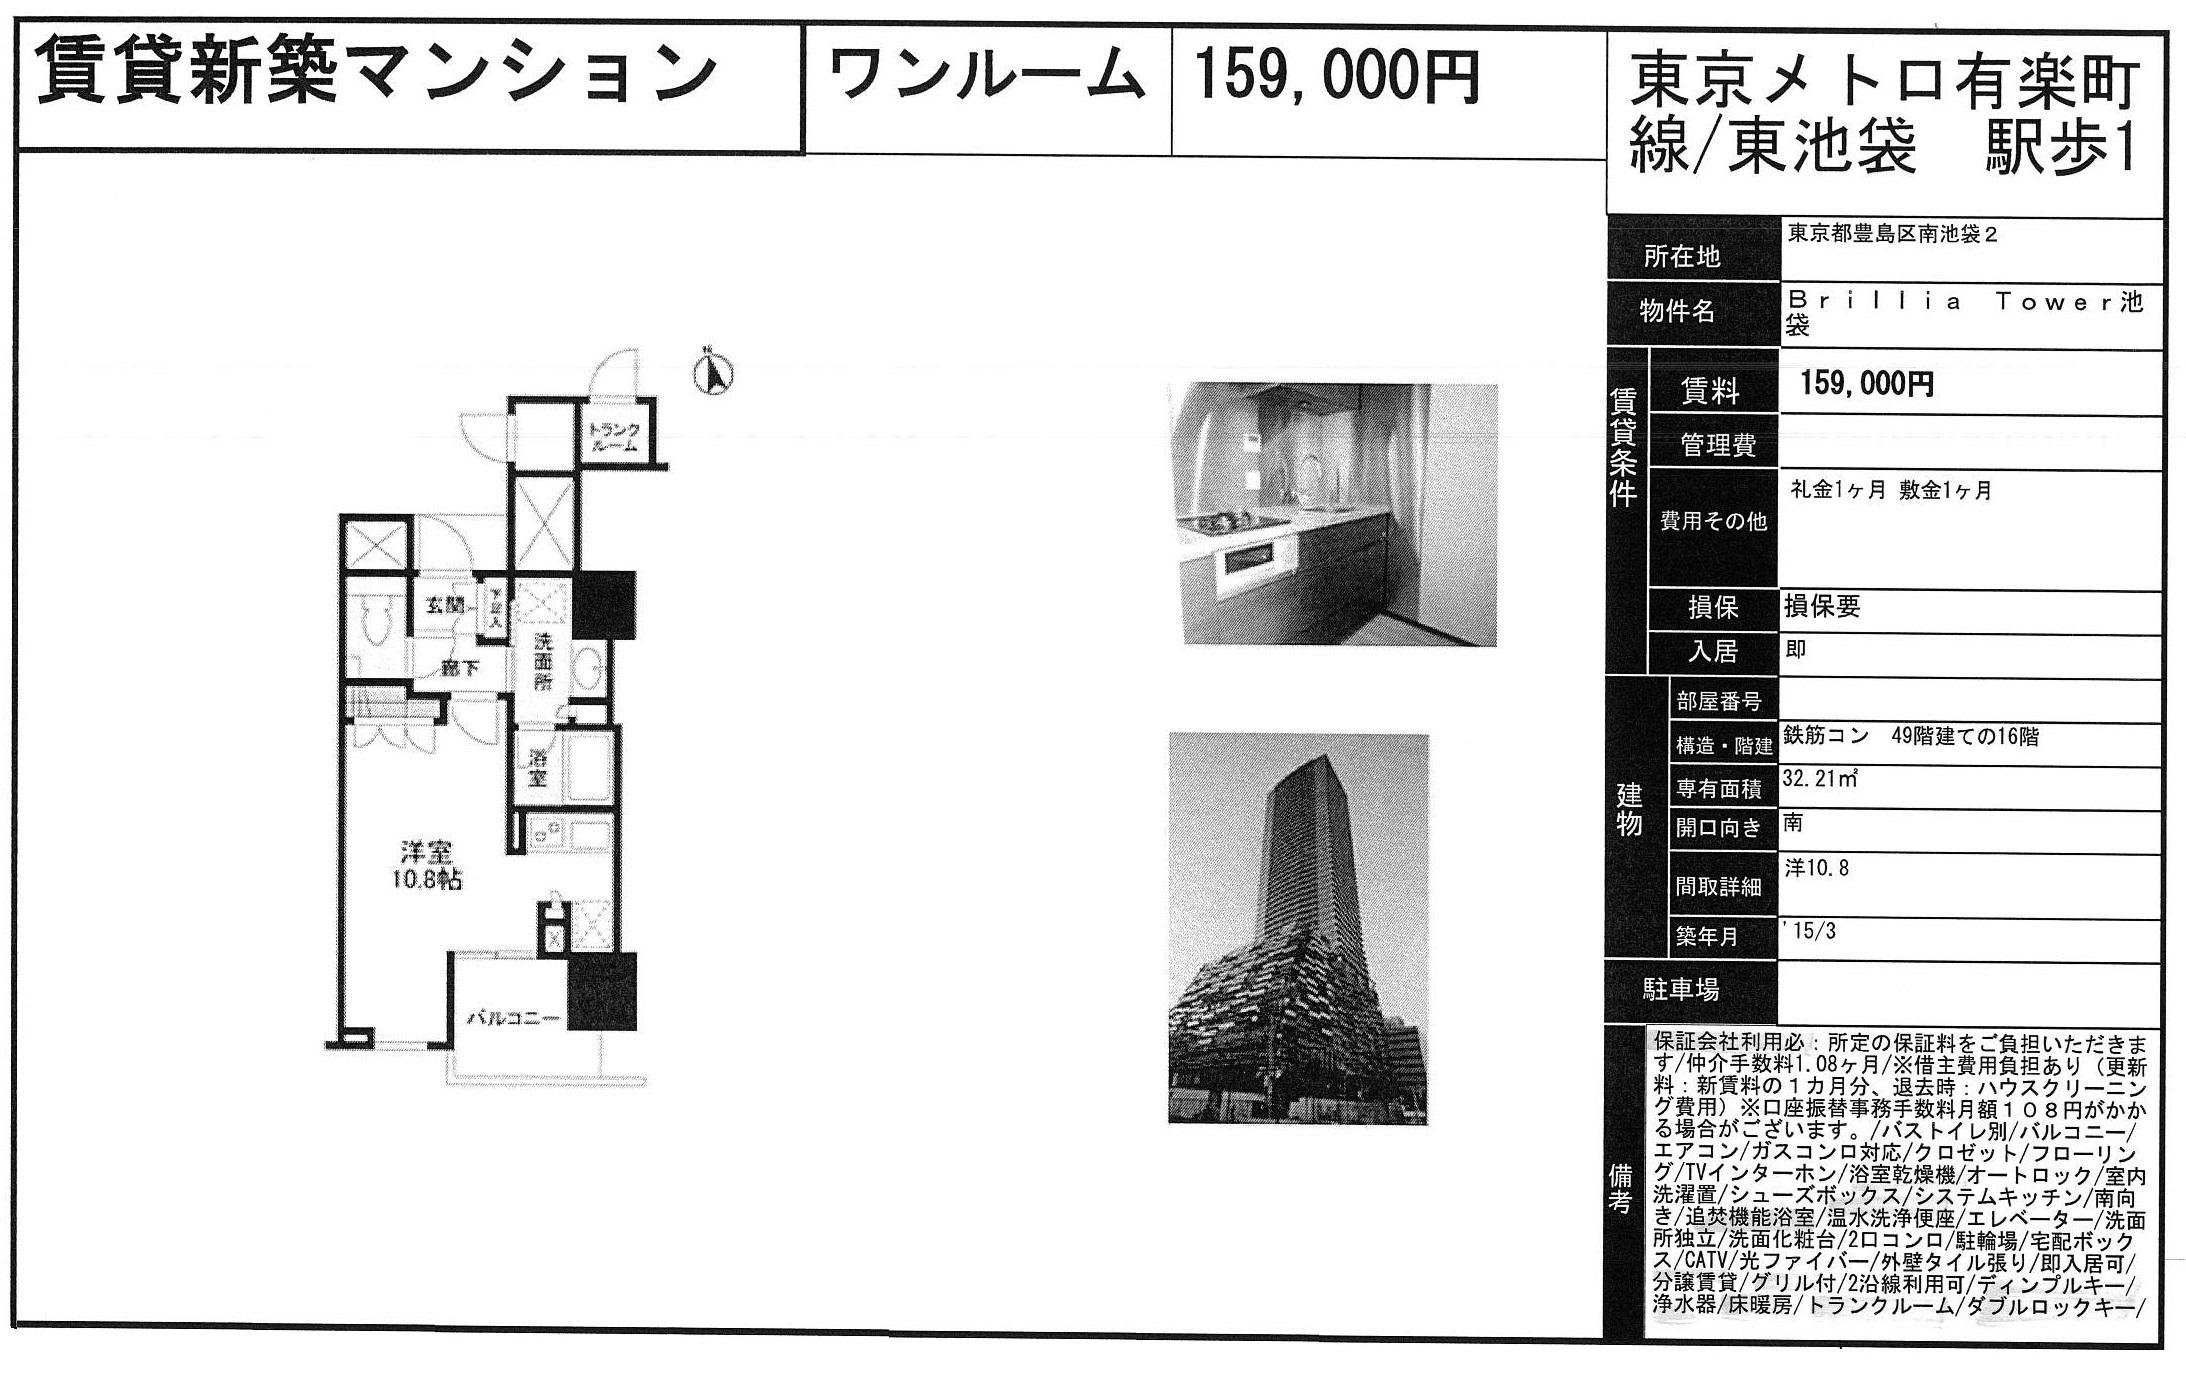 ブリリアタワー池袋図面1607号室